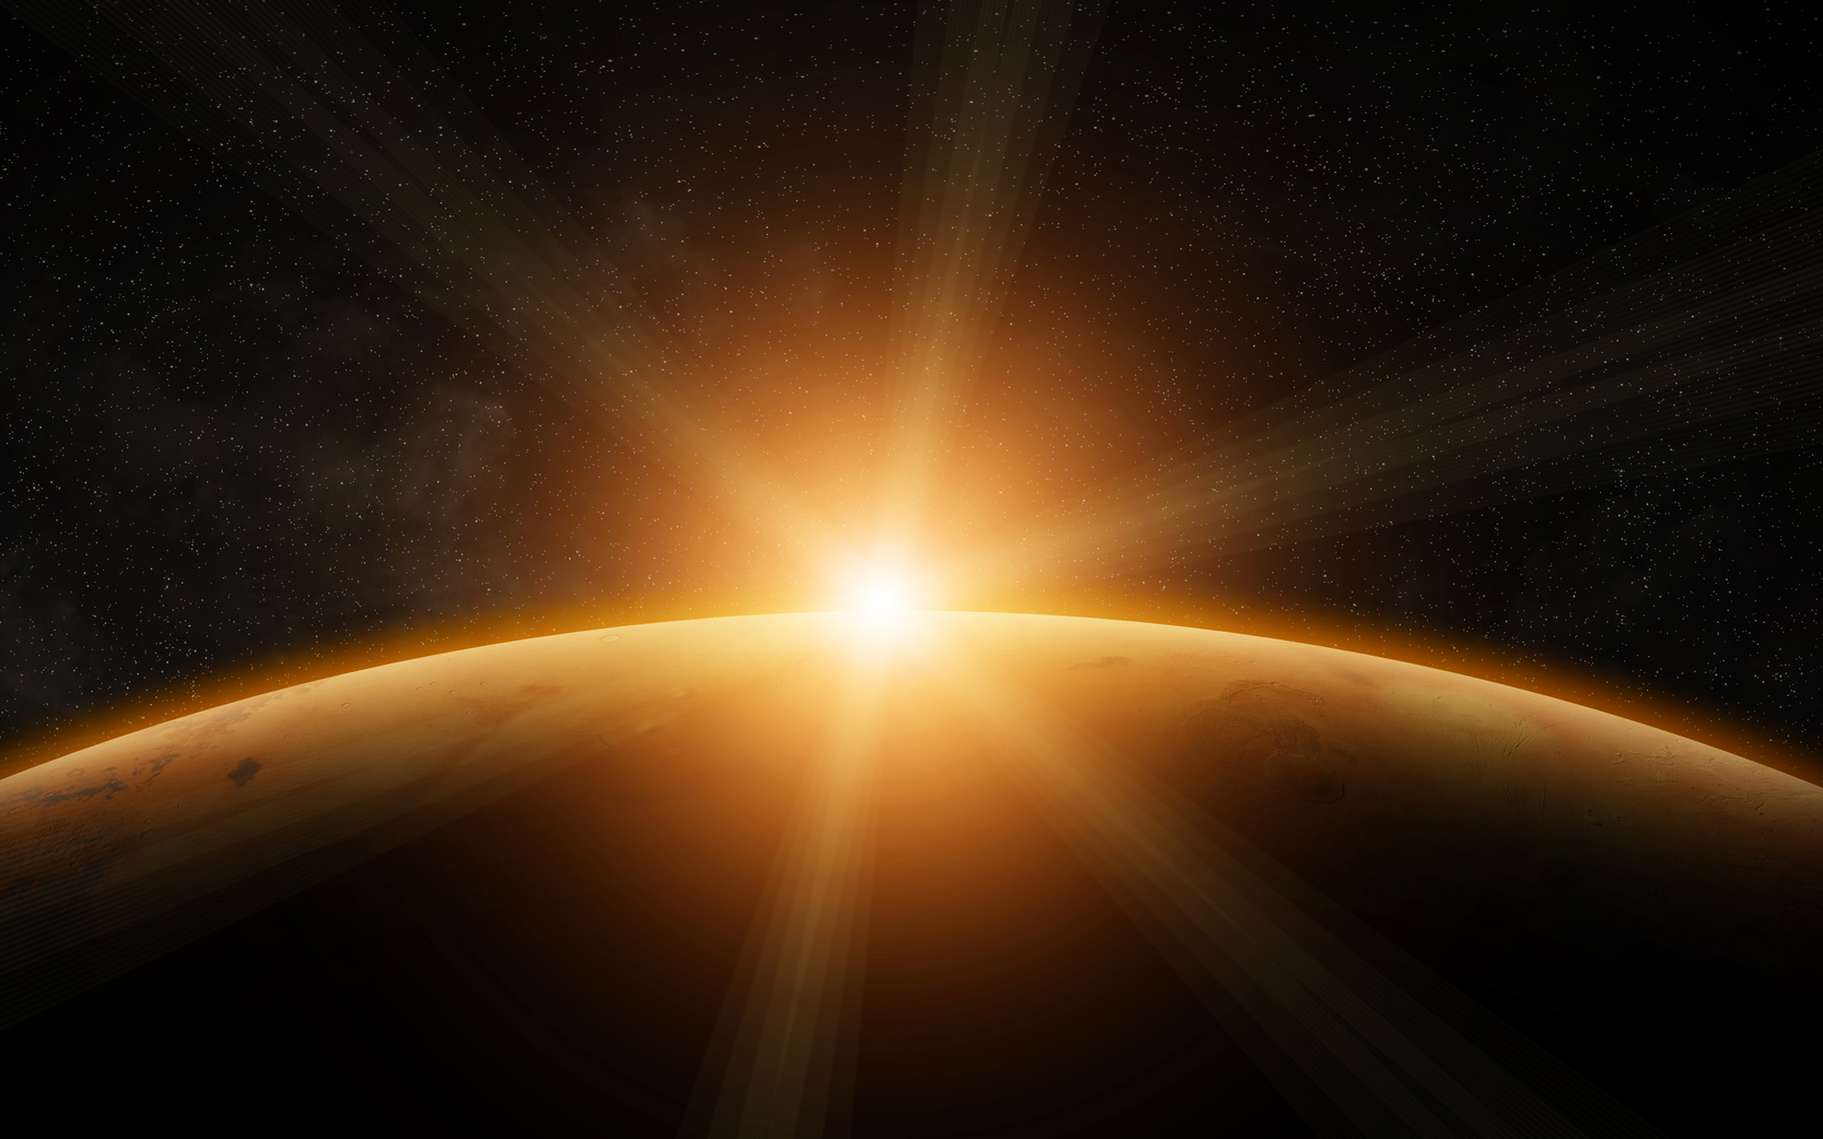 Quelles seront les futures missions spatiales entre 2035 et 2050 ? Aidez l'ESA à les choisir. © sdecoret, fotolia